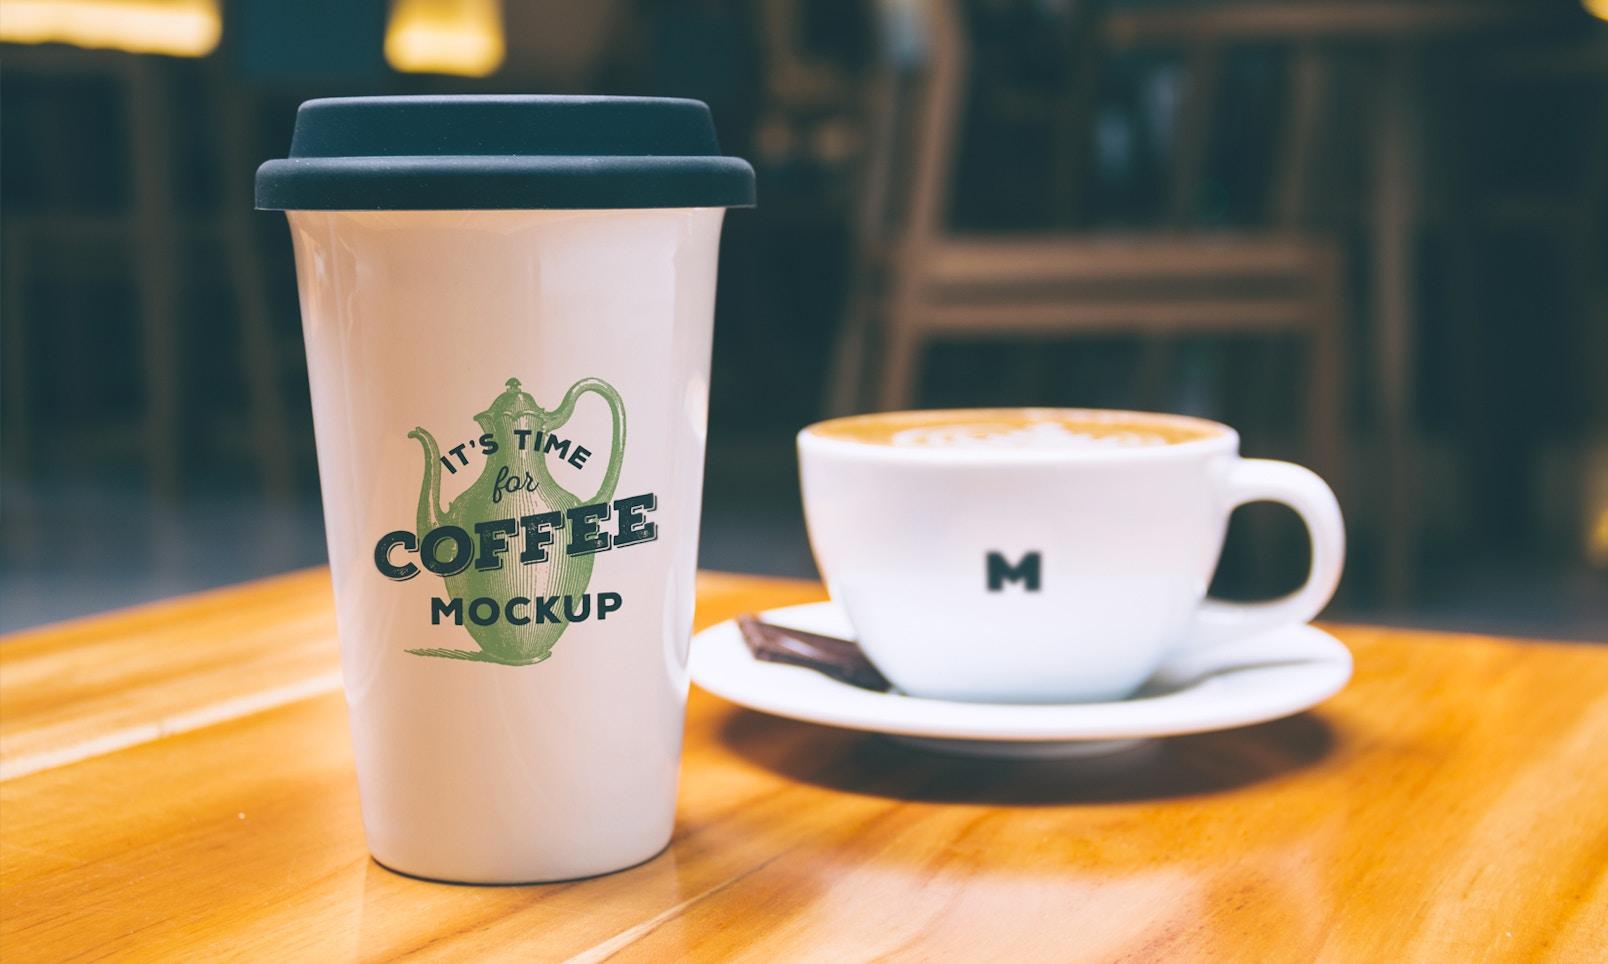 Coffee Mug and Cup Mockup